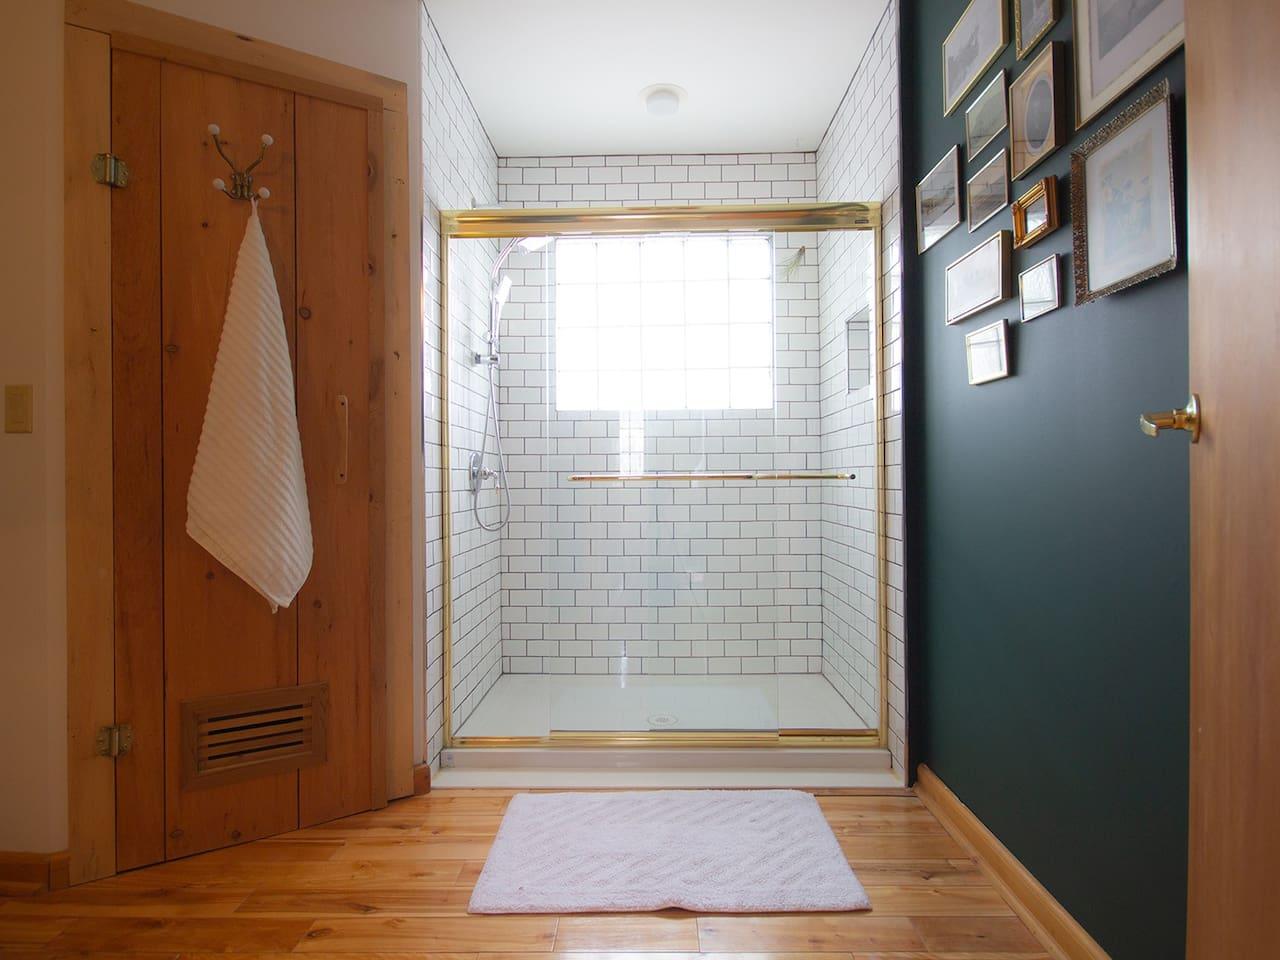 Main floor bathroom with sauna